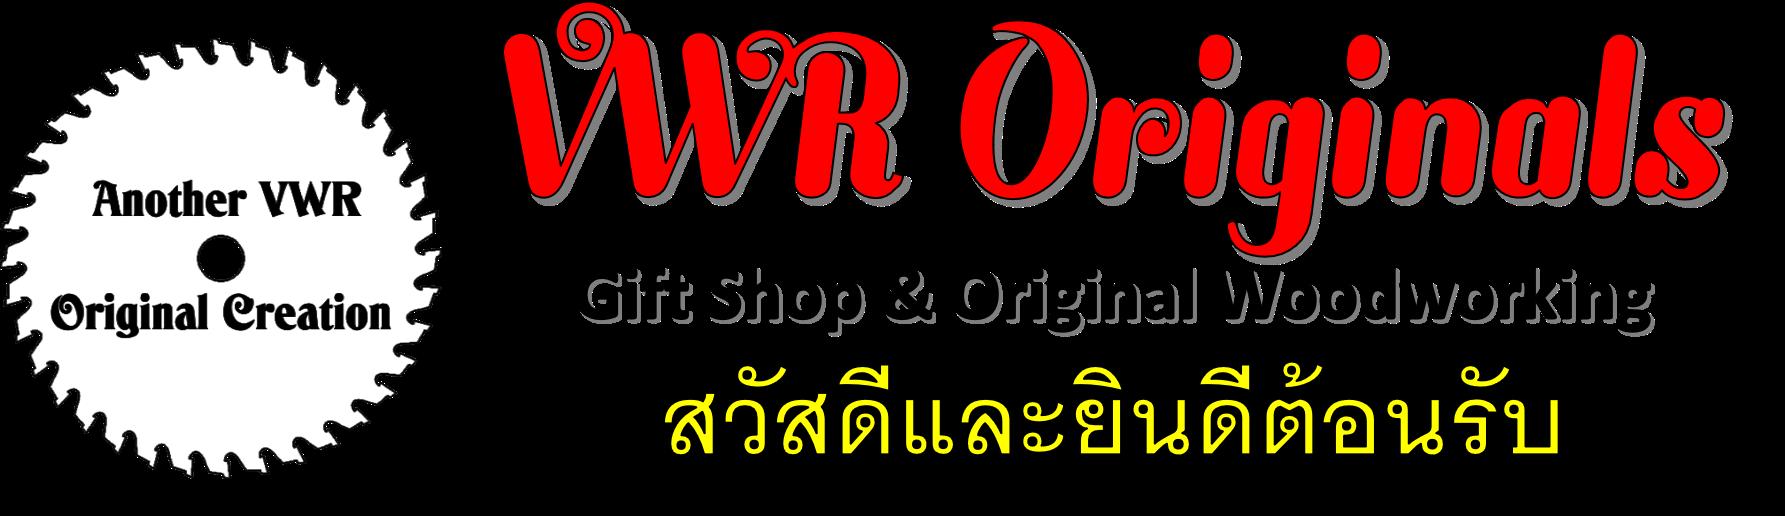 VWR Originals, LLC